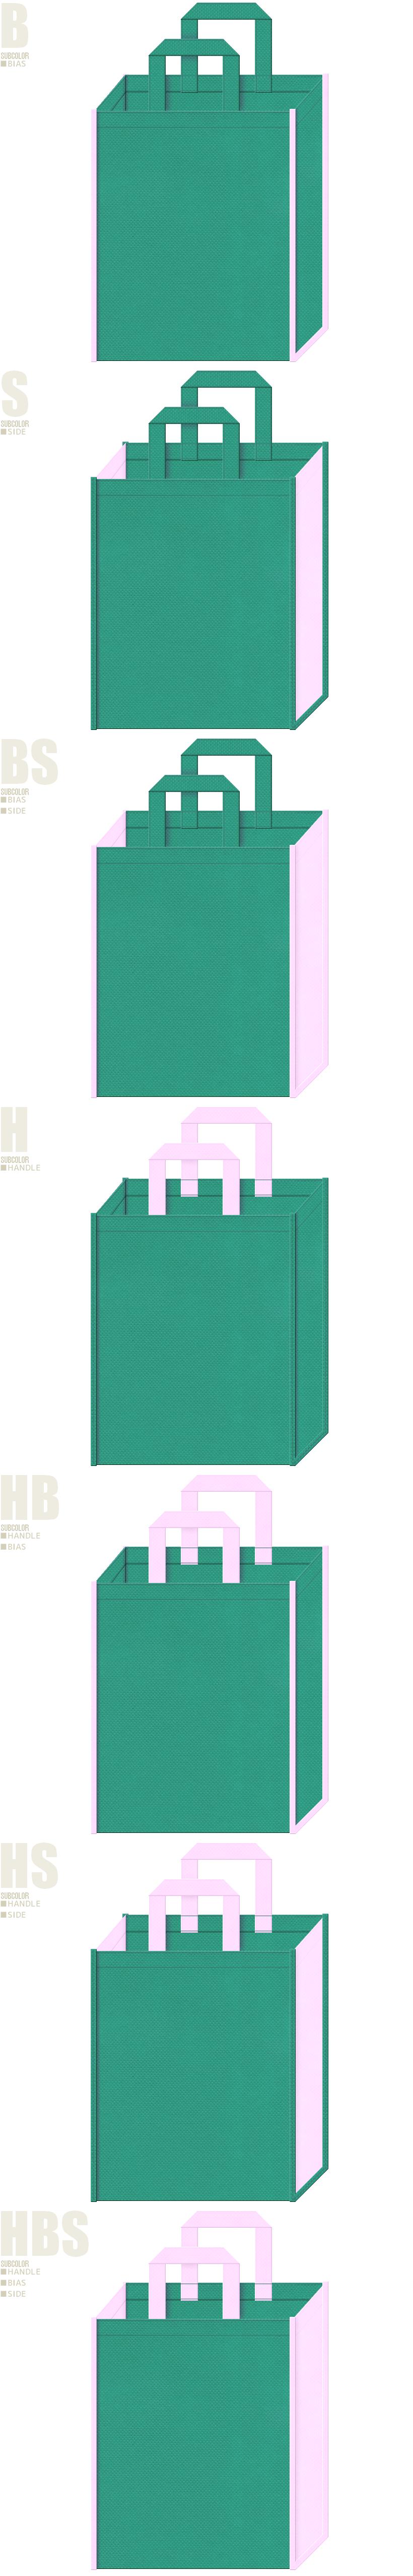 シャンプー・石鹸・洗剤・入浴剤・バス用品・お掃除用品・家庭用品の展示会用バッグにお奨めの不織布バッグのデザイン:青緑色と明るいピンク色の配色7パターン